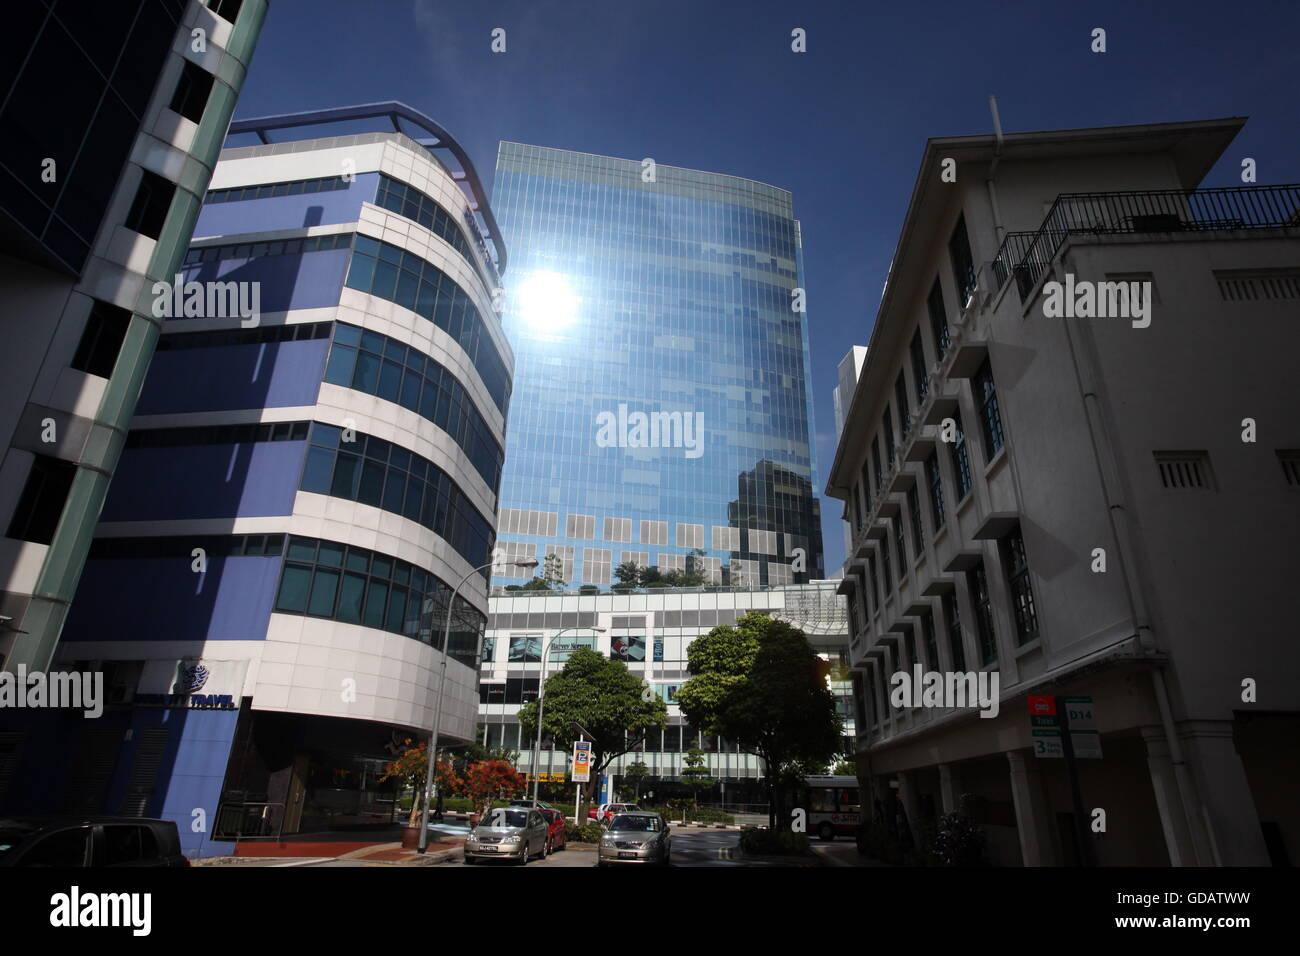 Asien, Suedost, Singapur, Insel, Staat, Stadt, City, Skyline, Zentrum, Bankenviertel, Hochhaus, Wolkenkratzer, Bank, Stock Photo